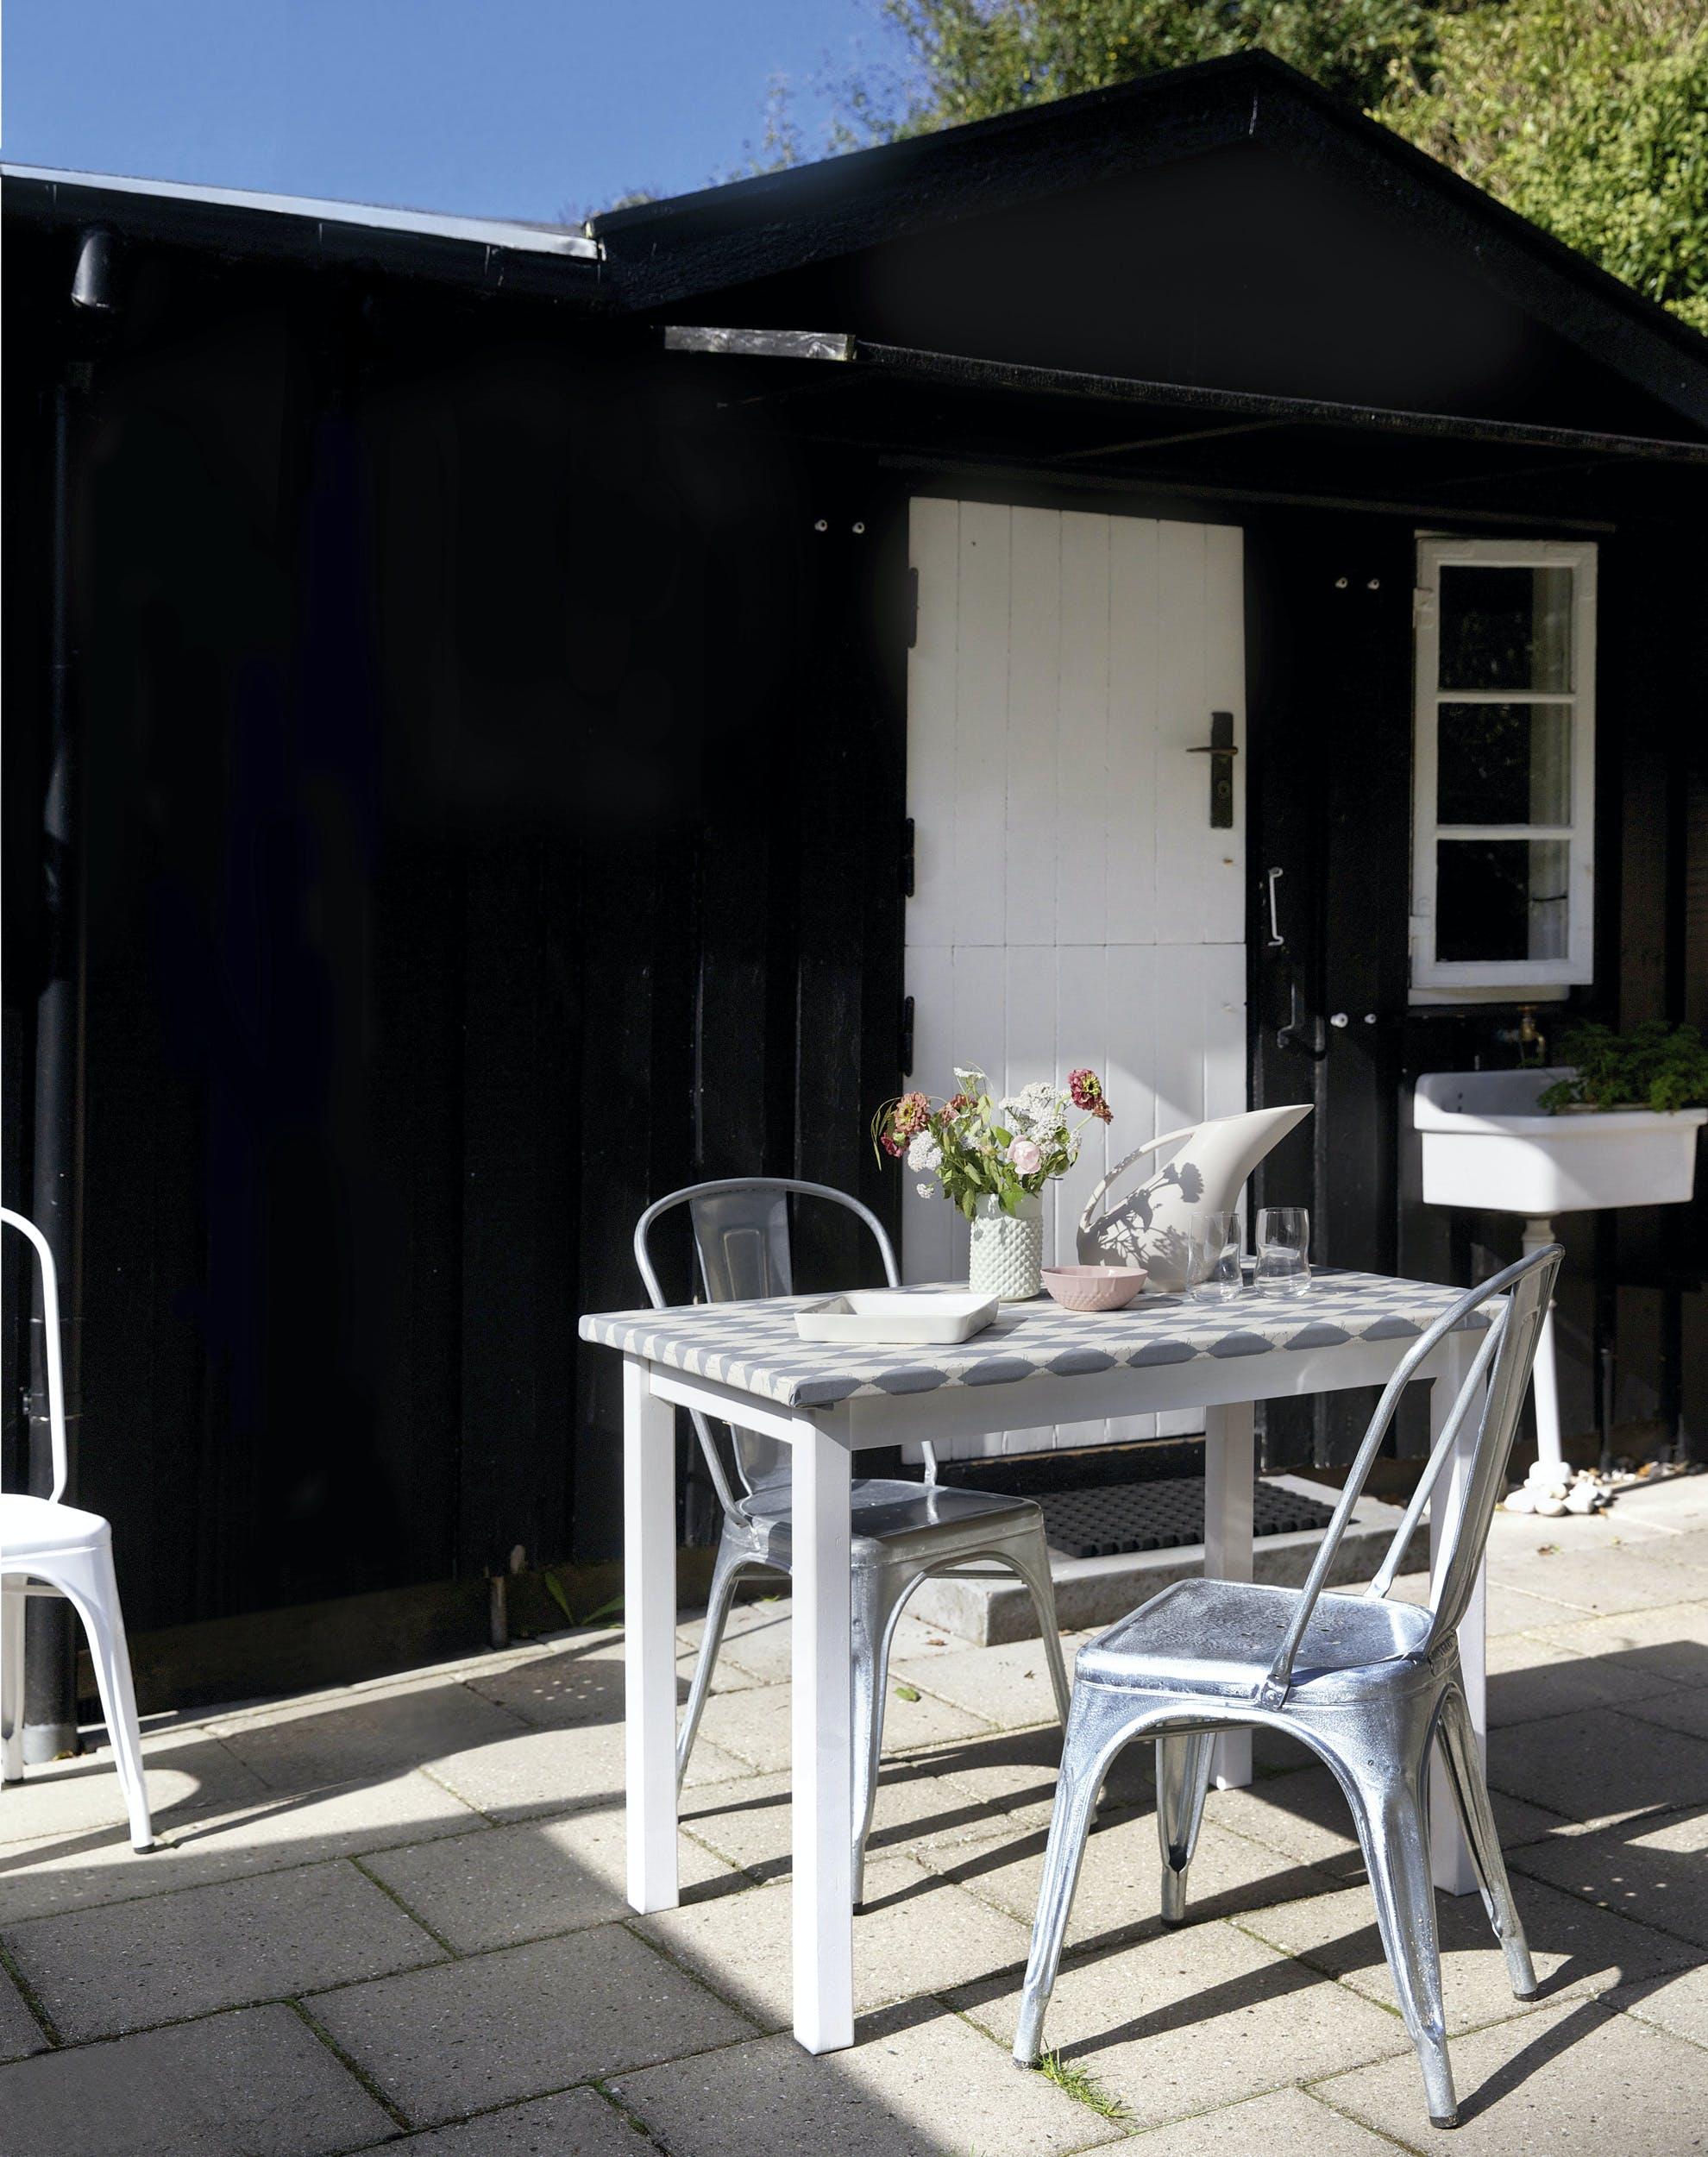 skab et sk nt spisehj rne p terrassen. Black Bedroom Furniture Sets. Home Design Ideas